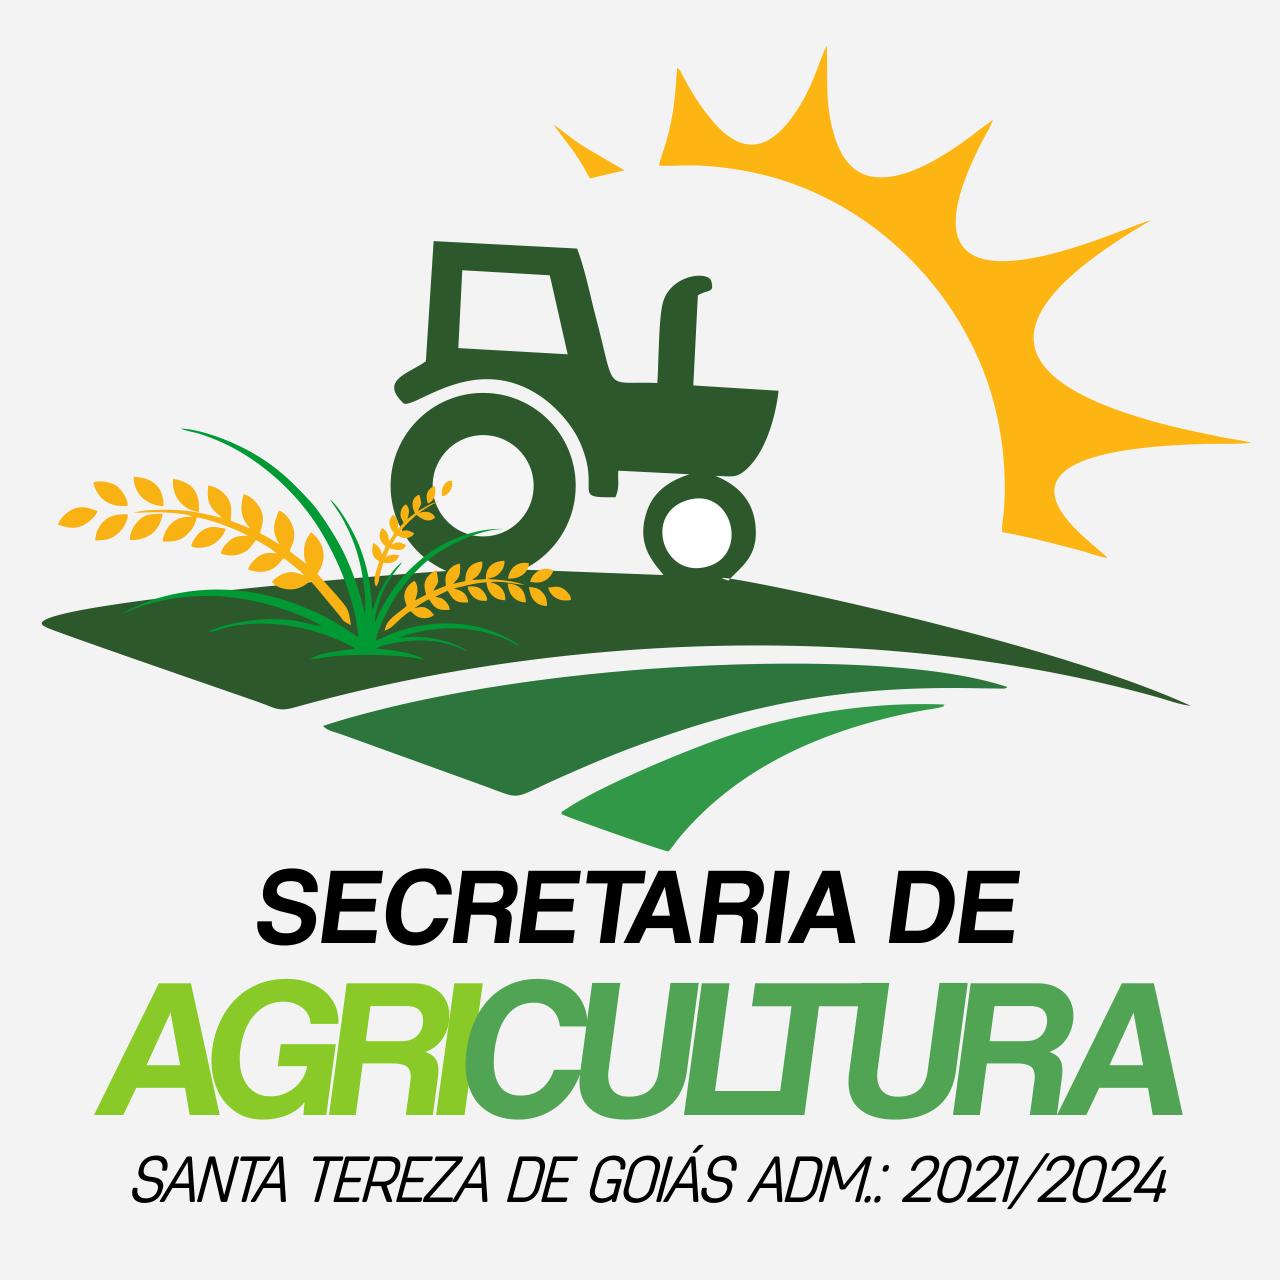 LOGO ESPORTES E LAZER 2021-2024